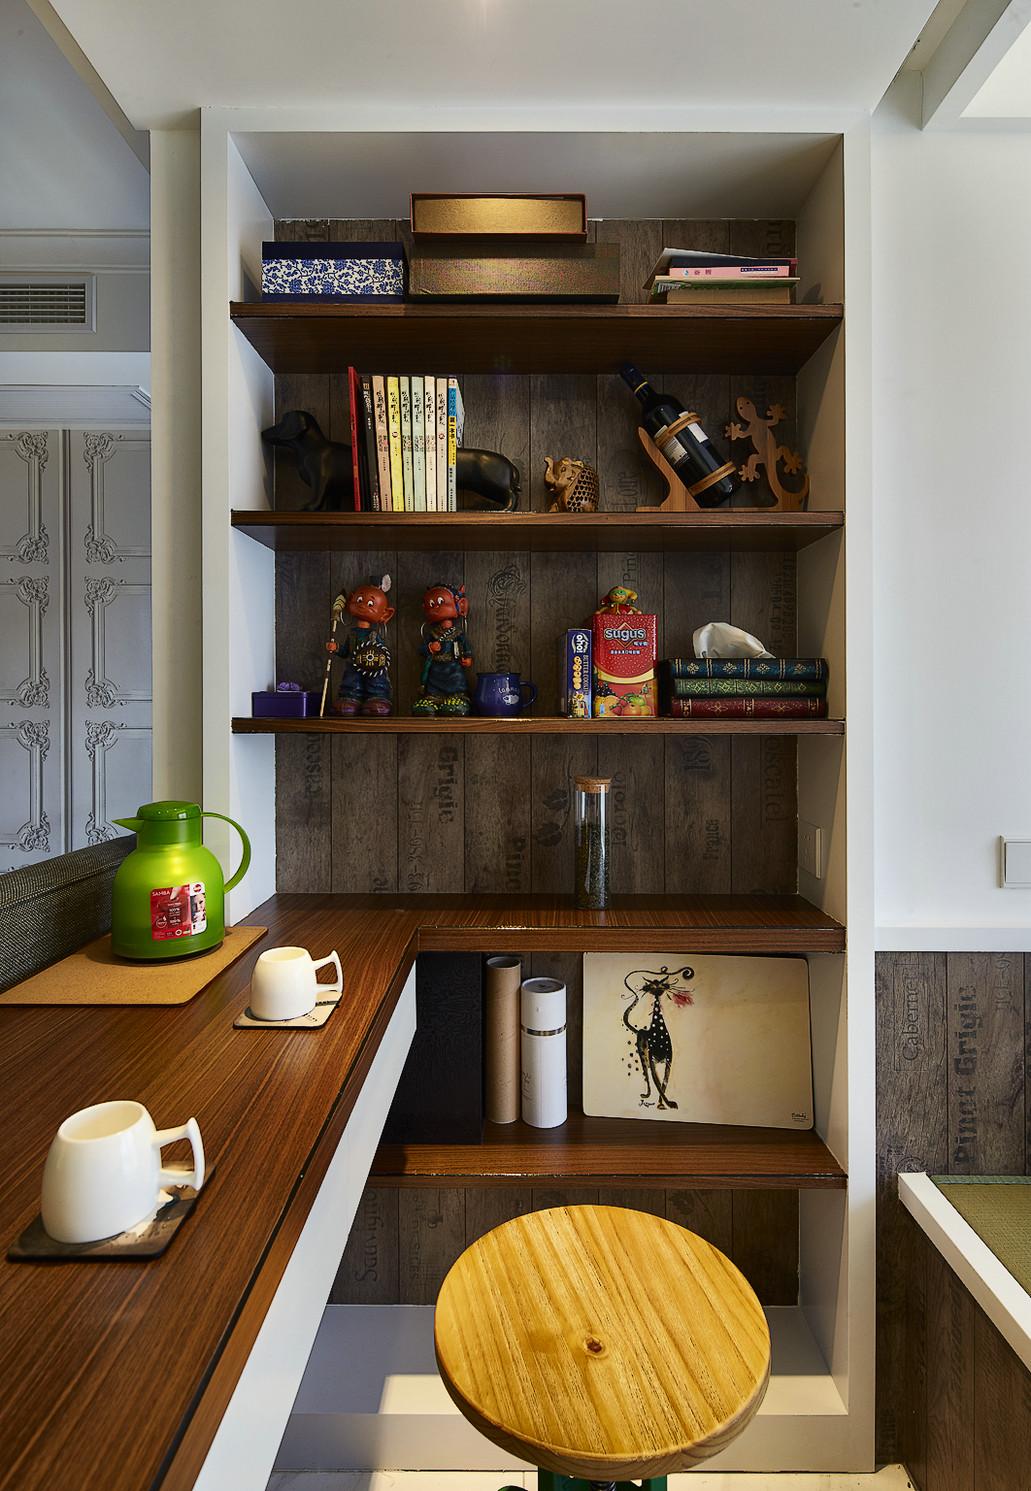 125㎡北欧风格三居装修吧台设计